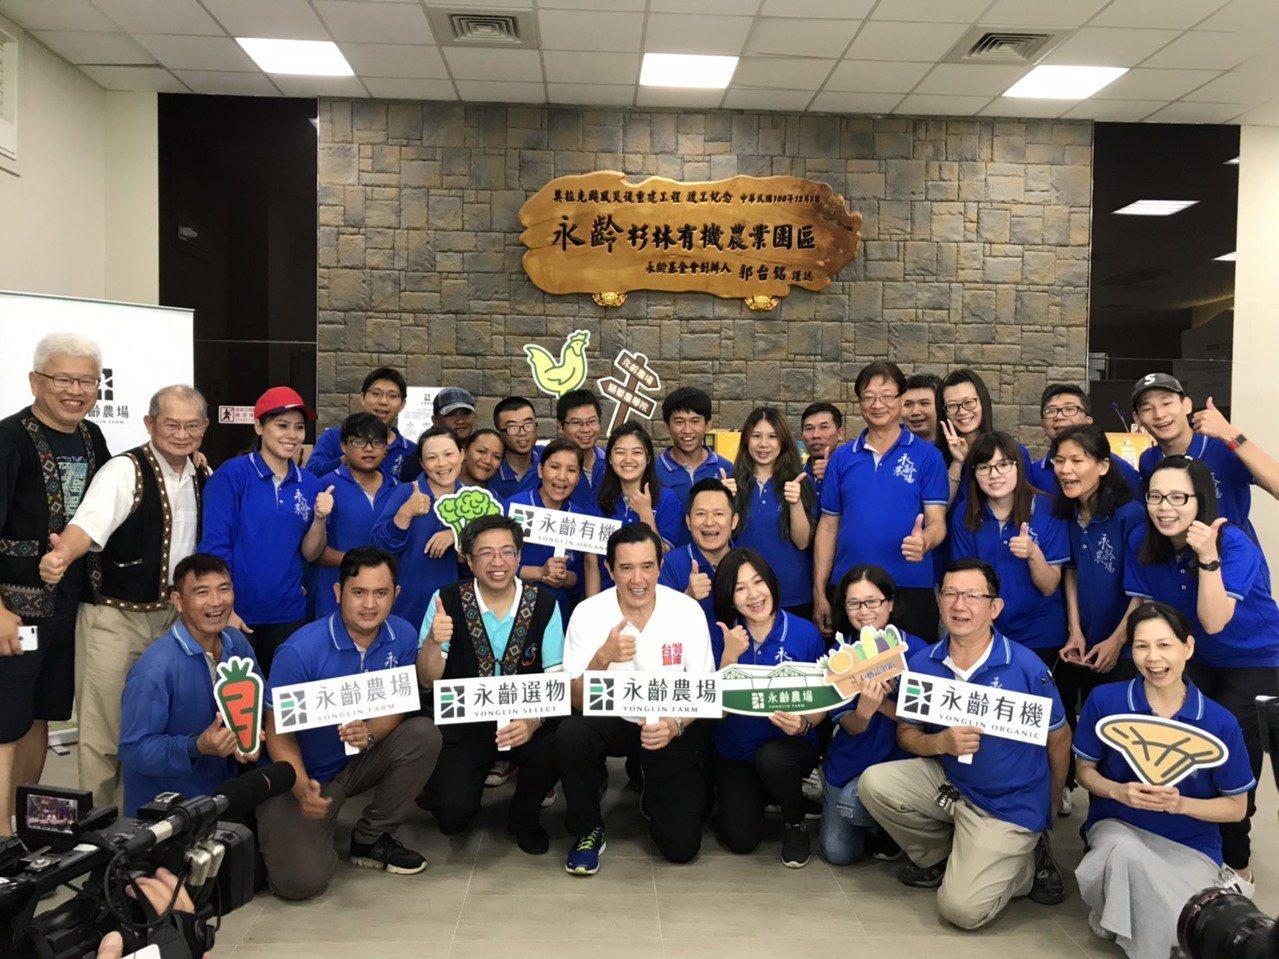 前總統馬英九參訪永齡農場,與園區員工合影留念。記者徐白櫻/攝影